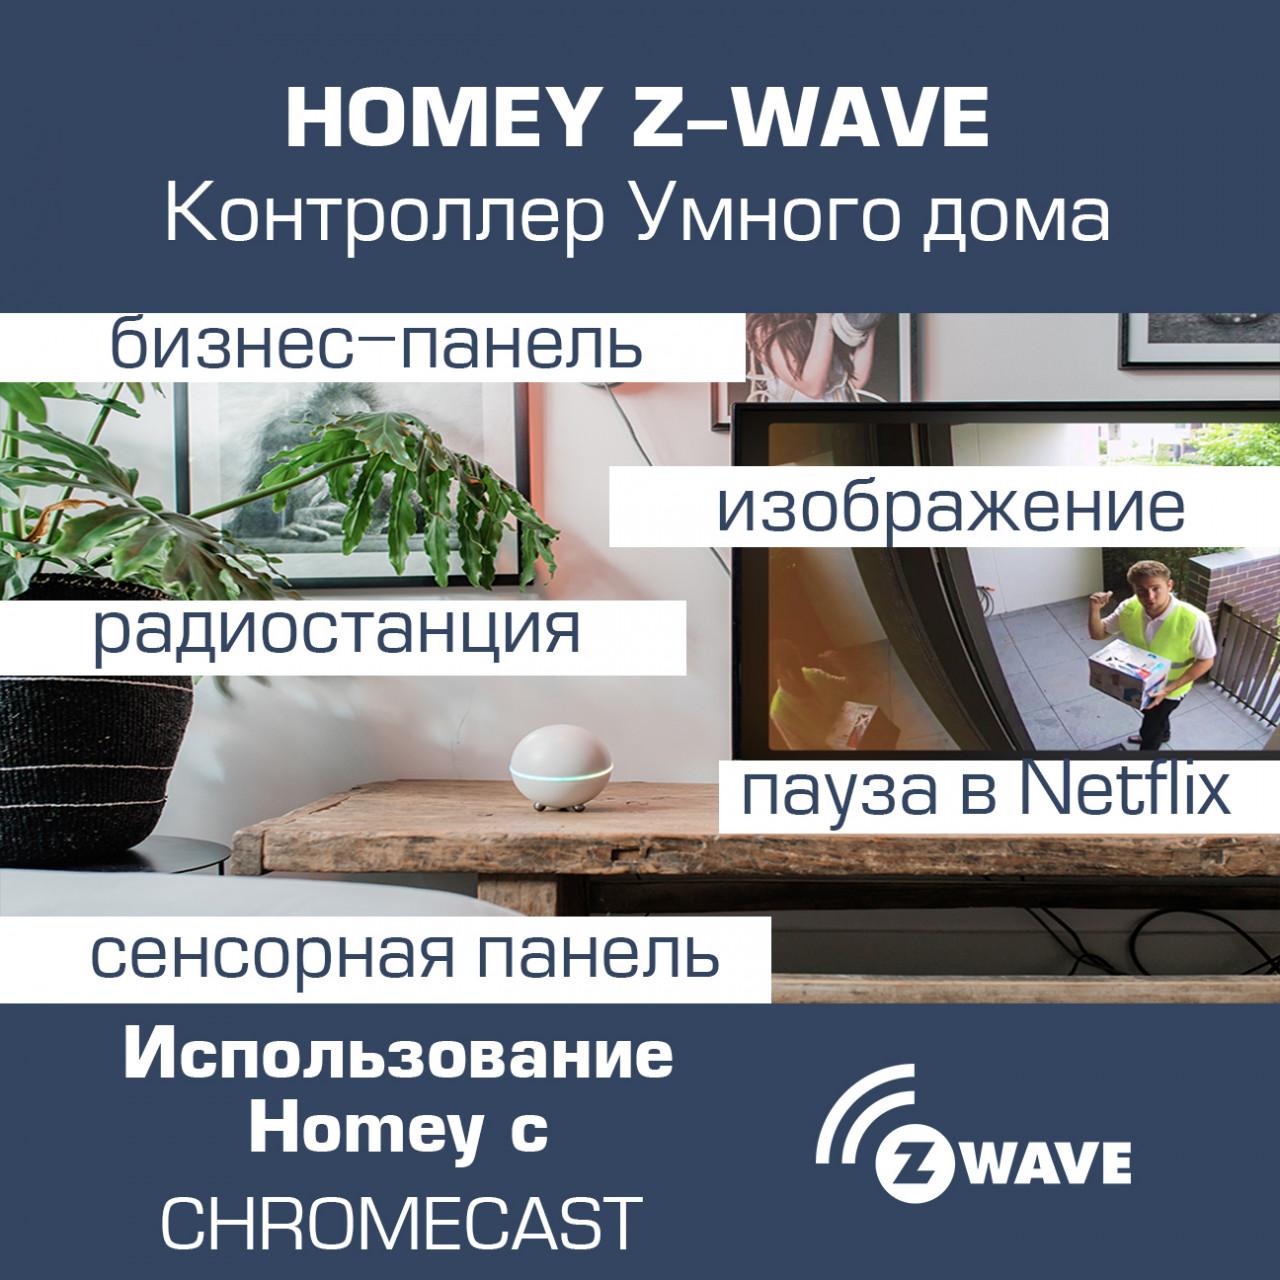 2019_Homey_Chromecas_20191012-133718_1